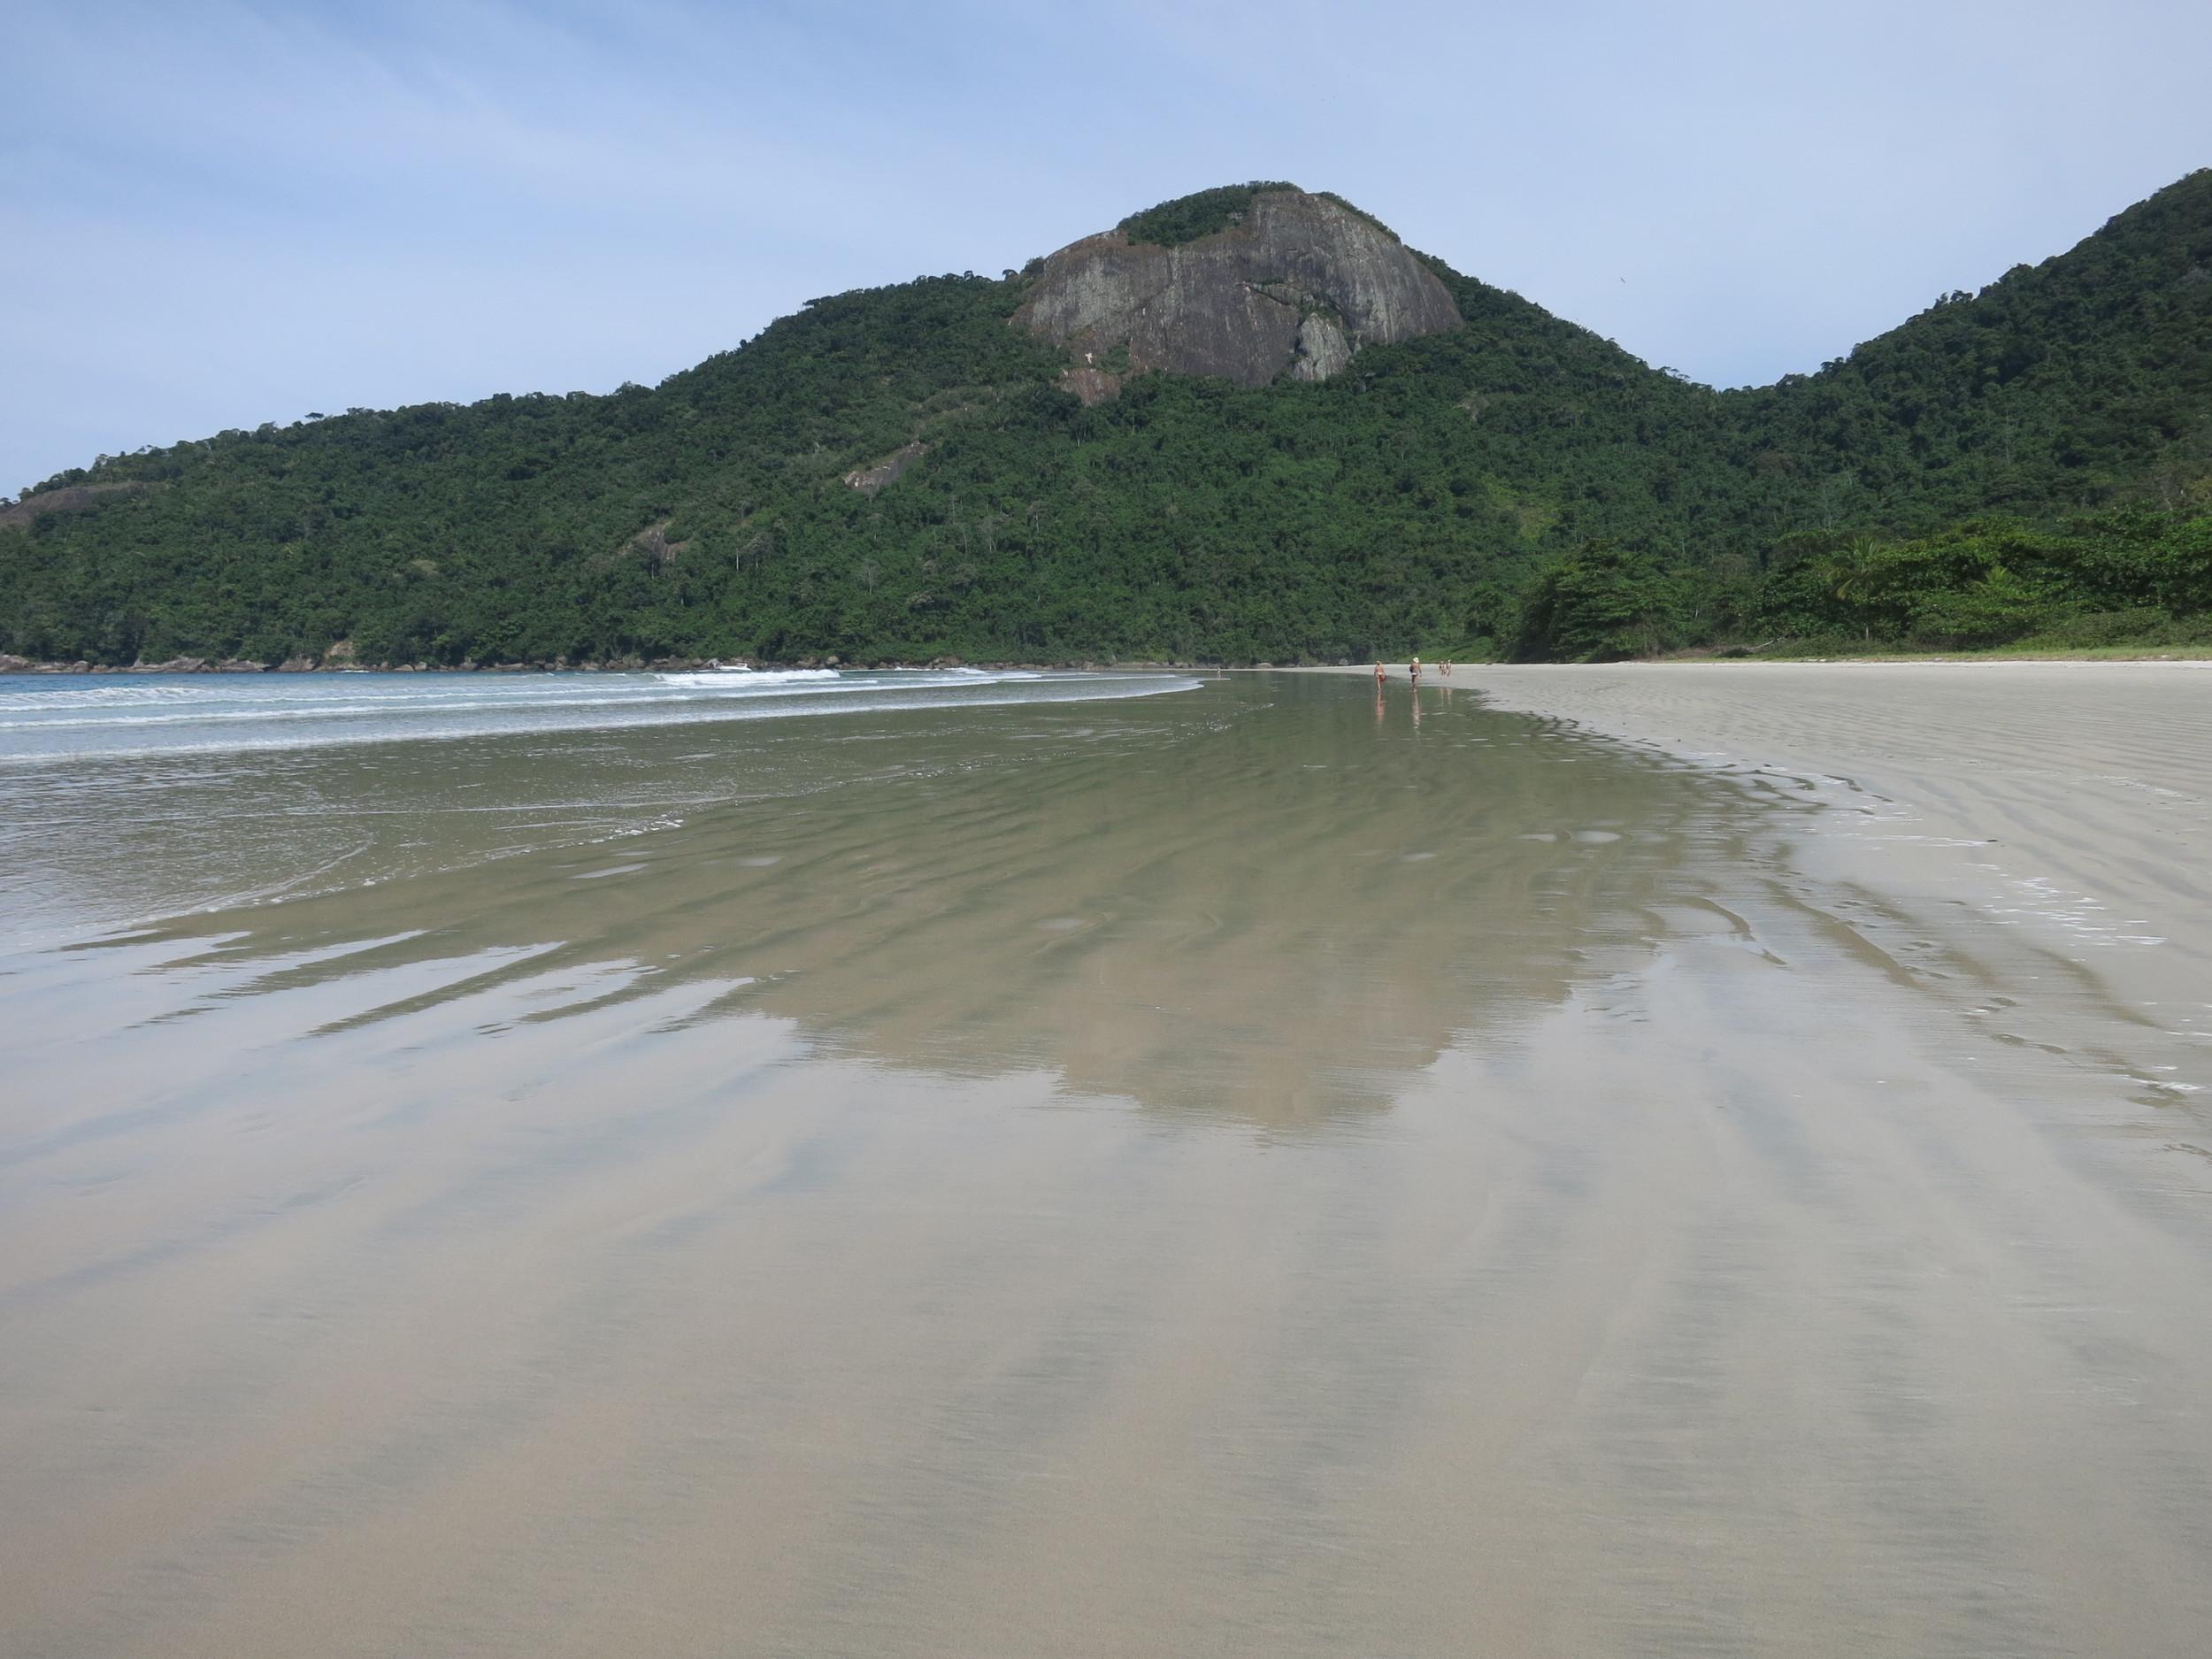 Another stunning beach